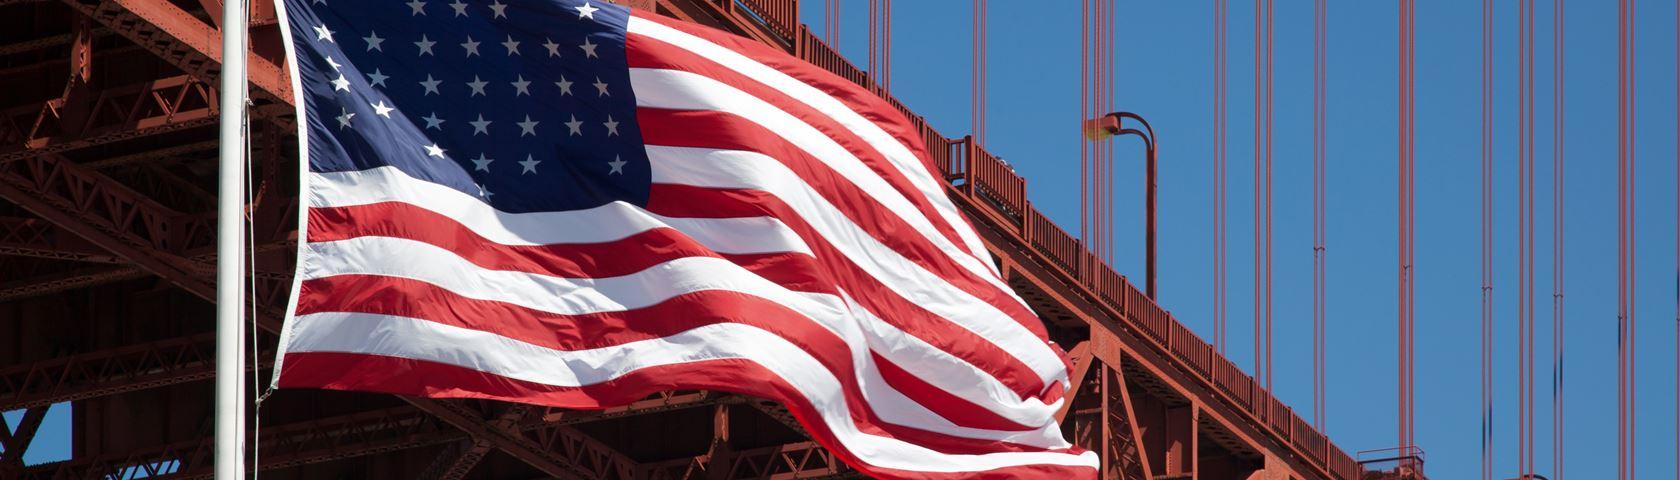 USA flag foreground